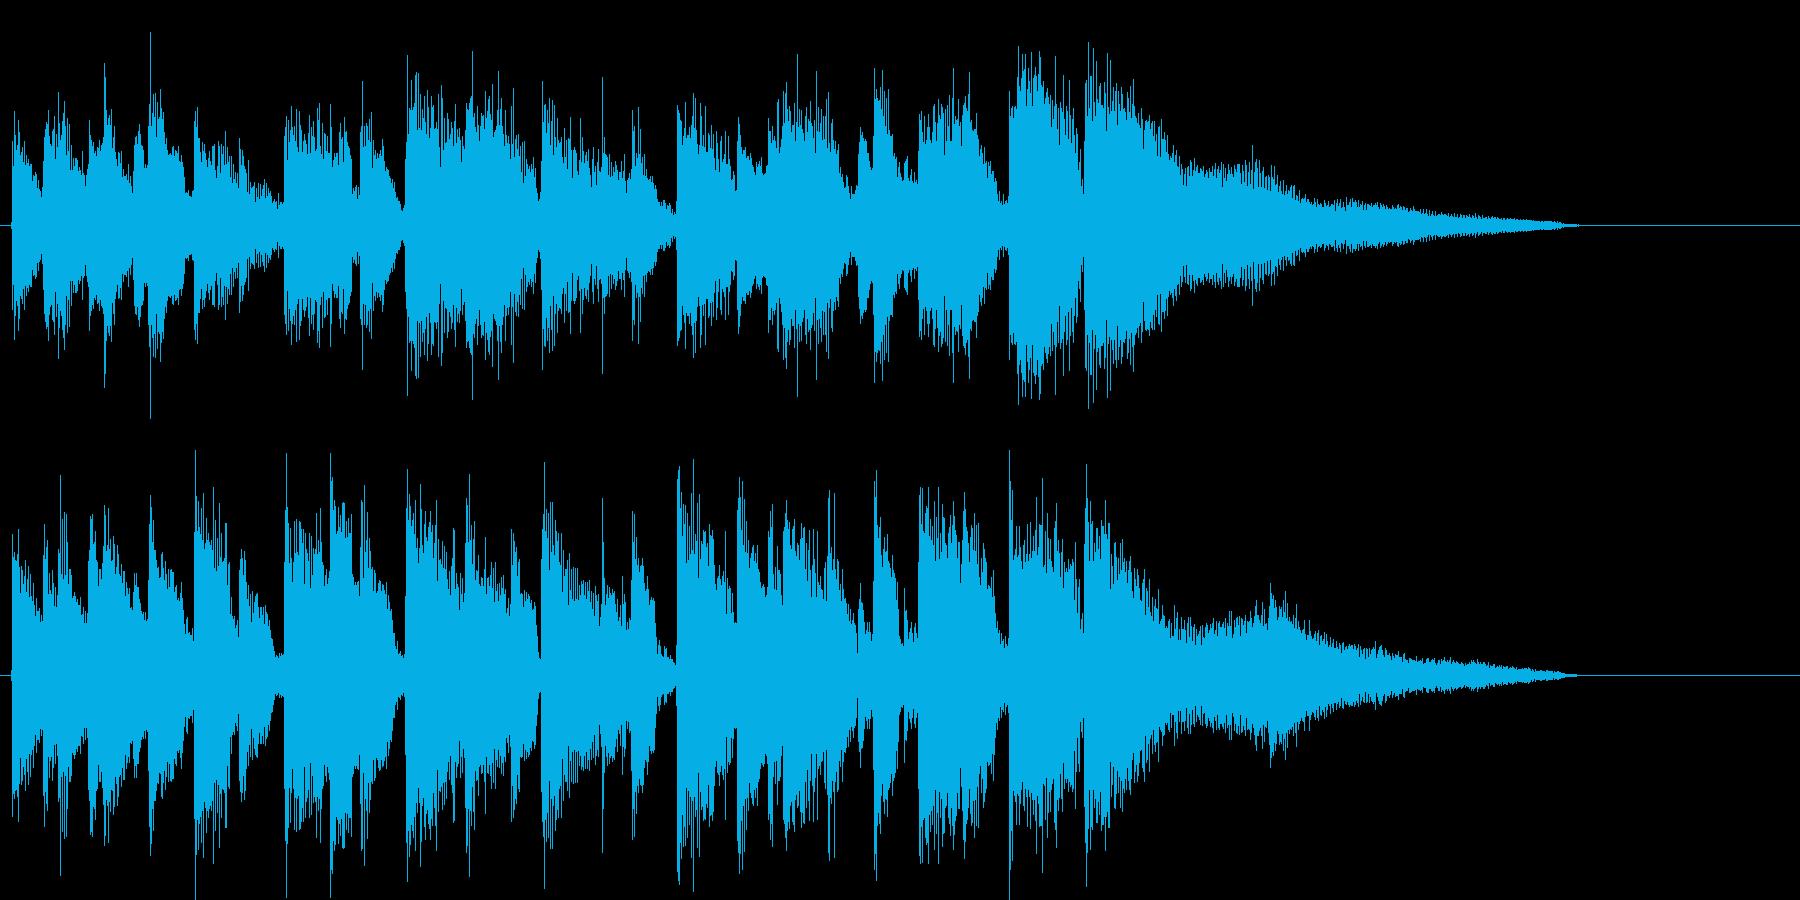 ピアノのアダルトなジャズジングルの再生済みの波形